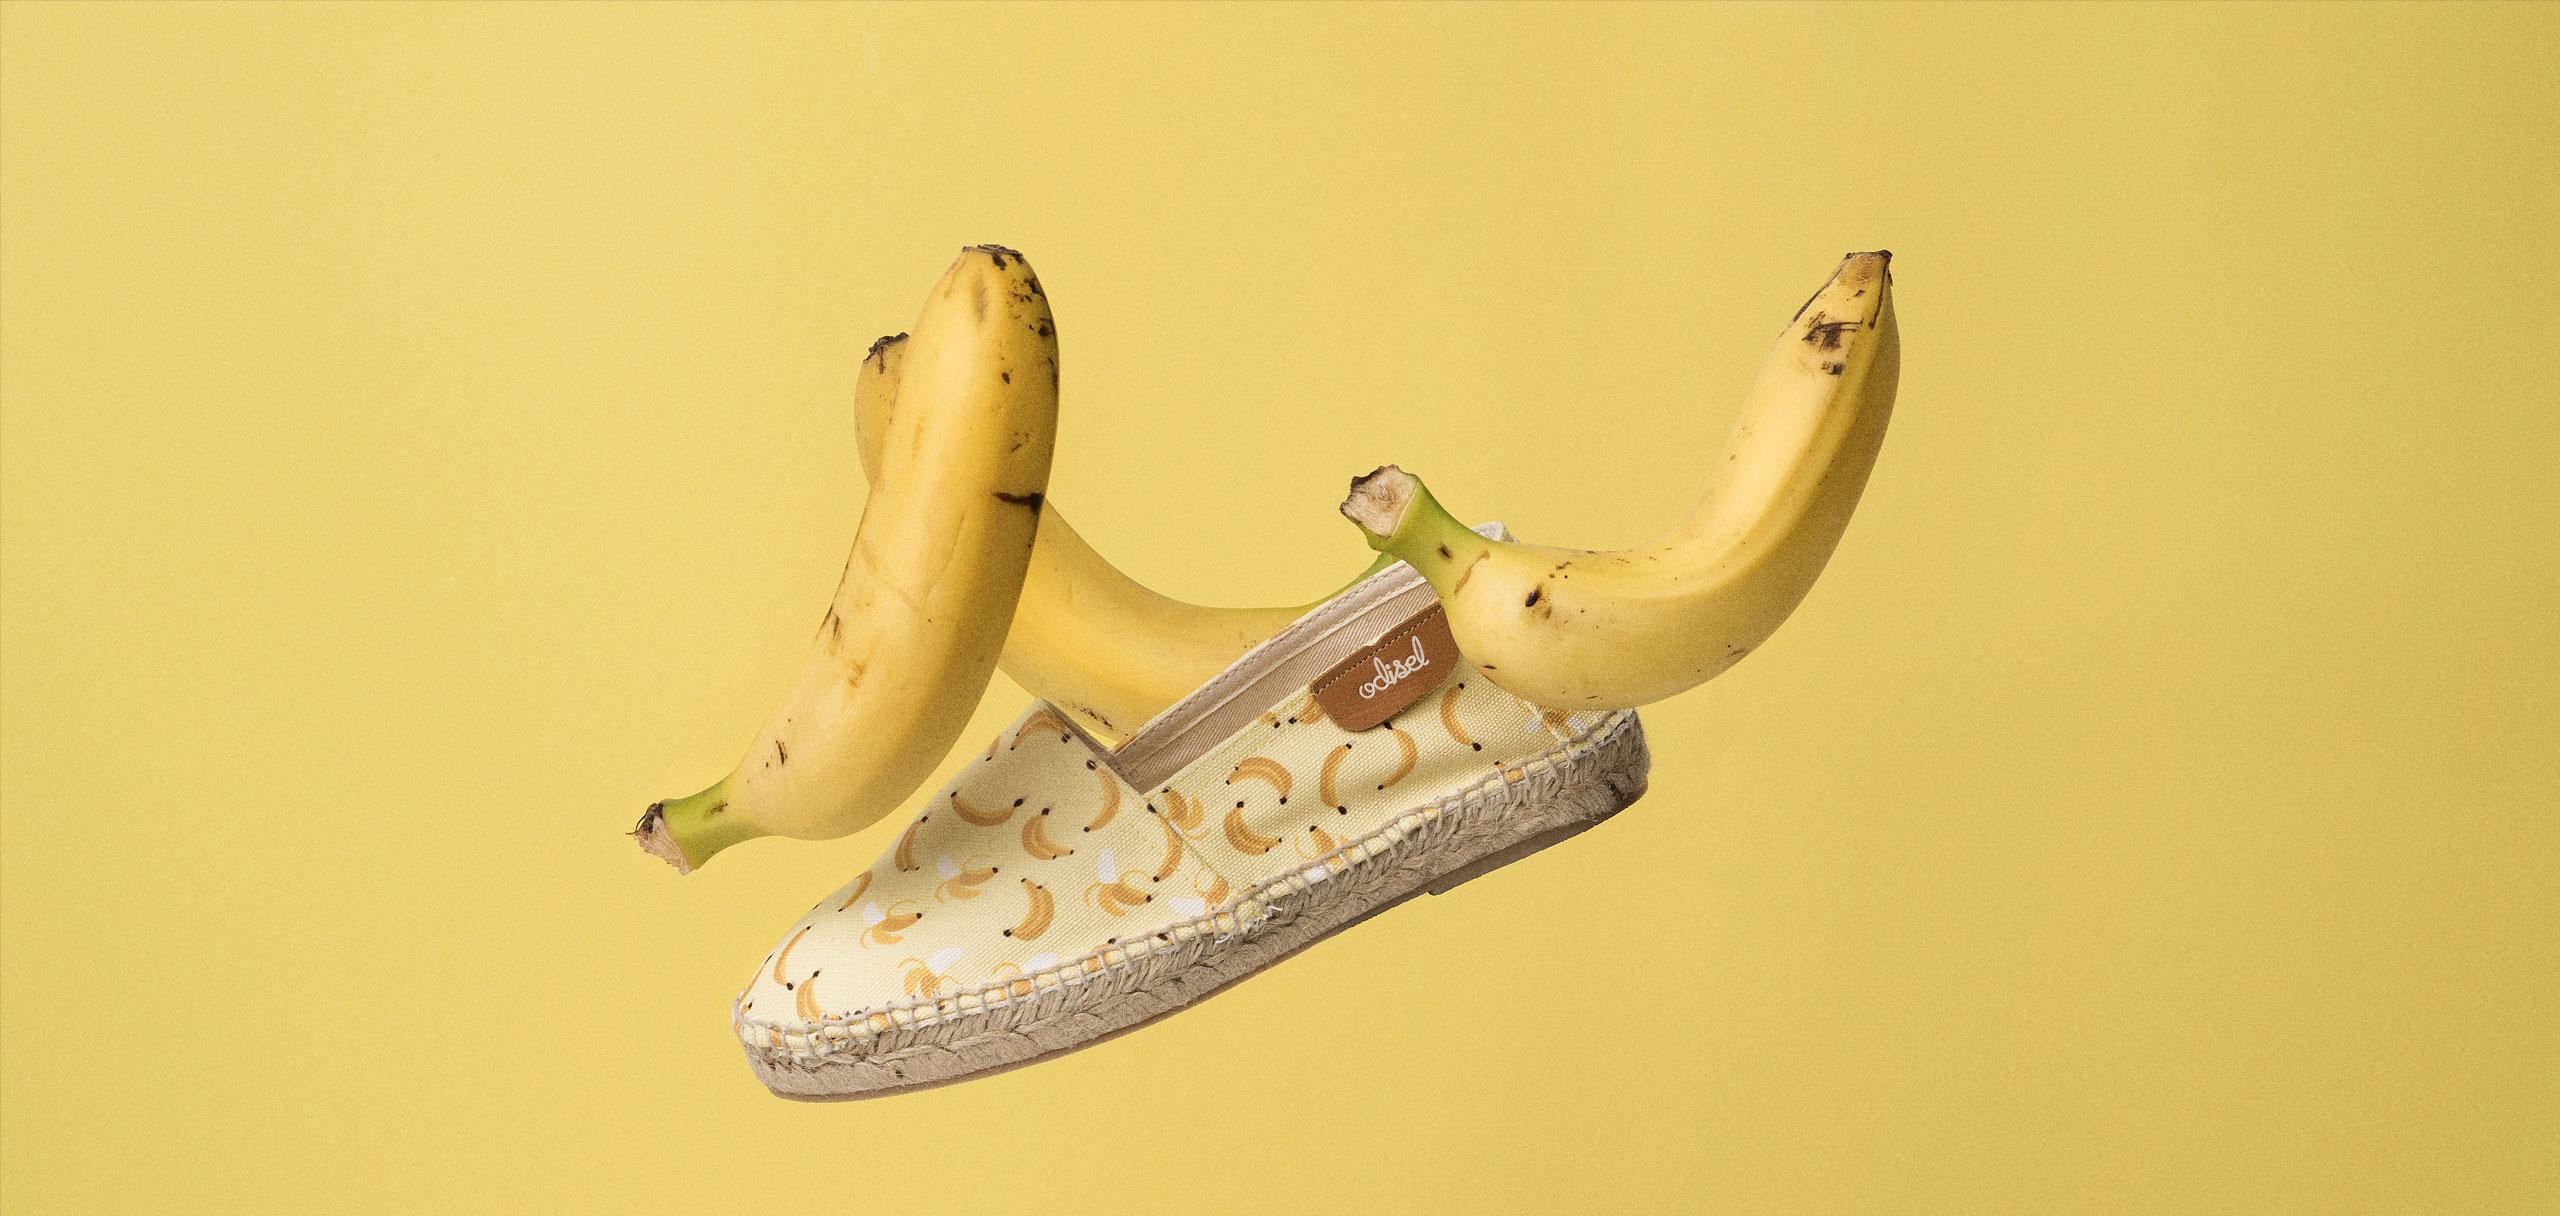 7-banana